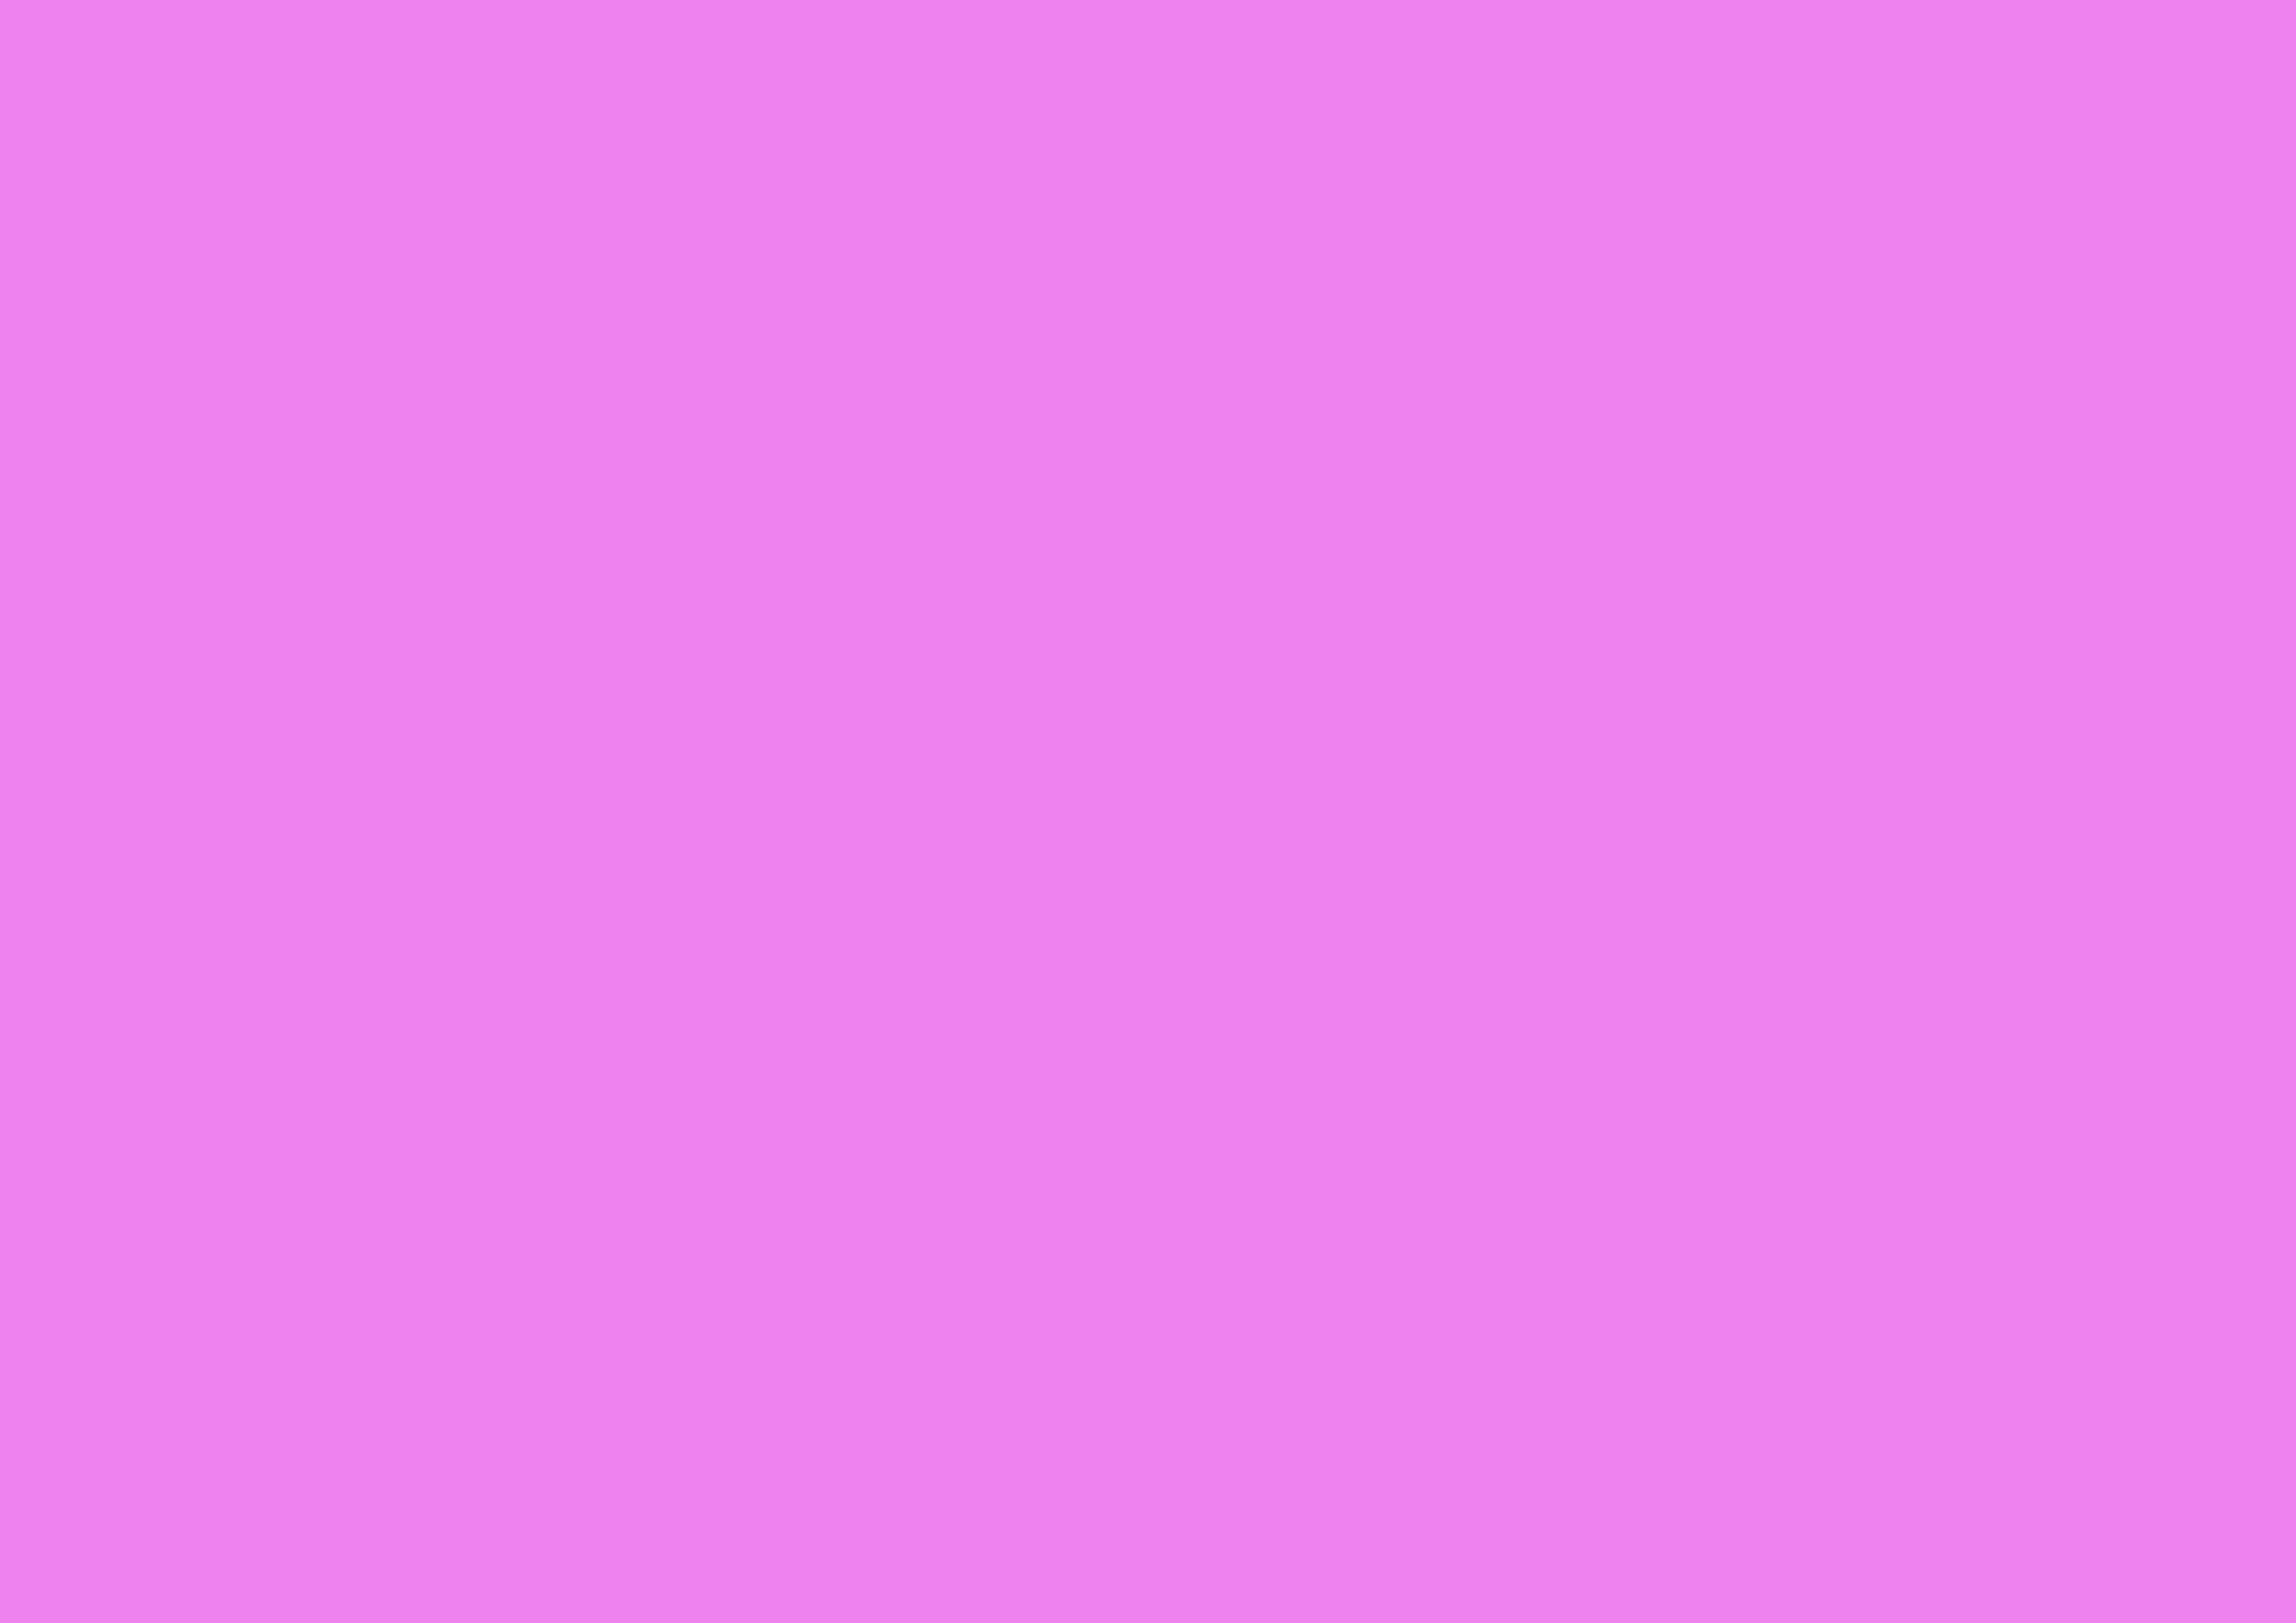 3508x2480 Violet Web Solid Color Background